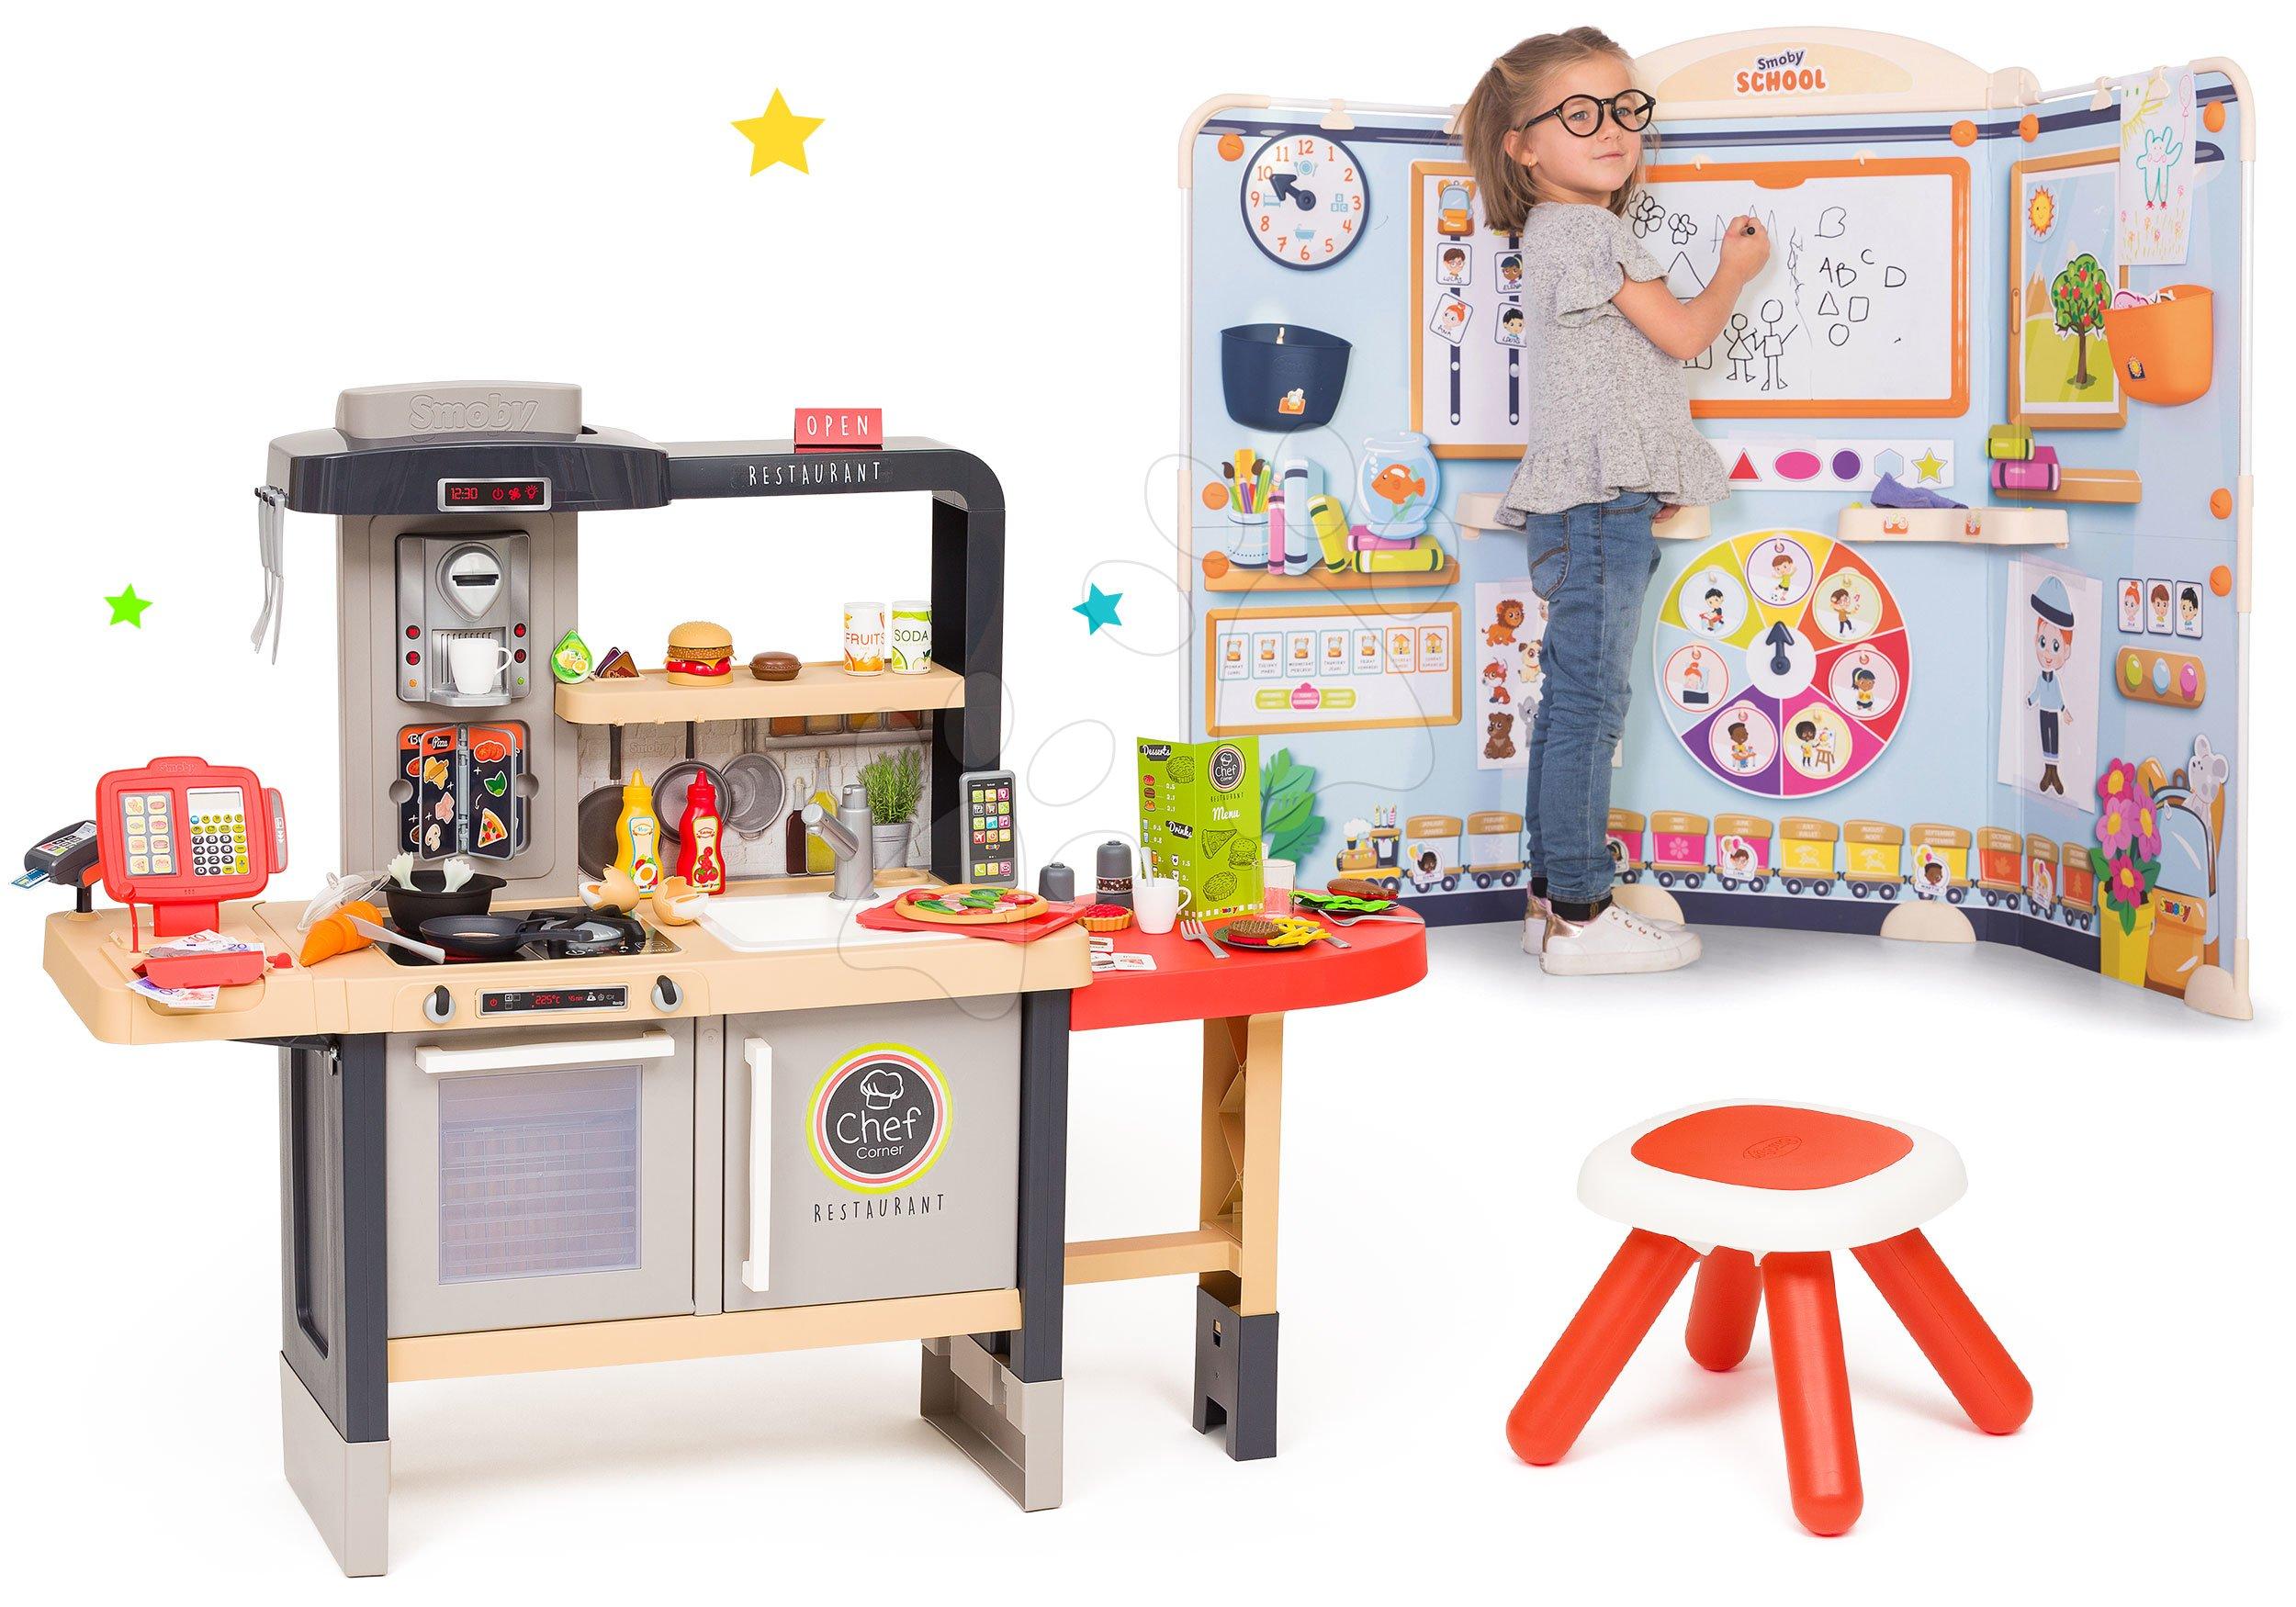 Set reštaurácia s elektronickou kuchynkou Chef Corner Restaurant Smoby s detským kútikom na kreslenie a učenie